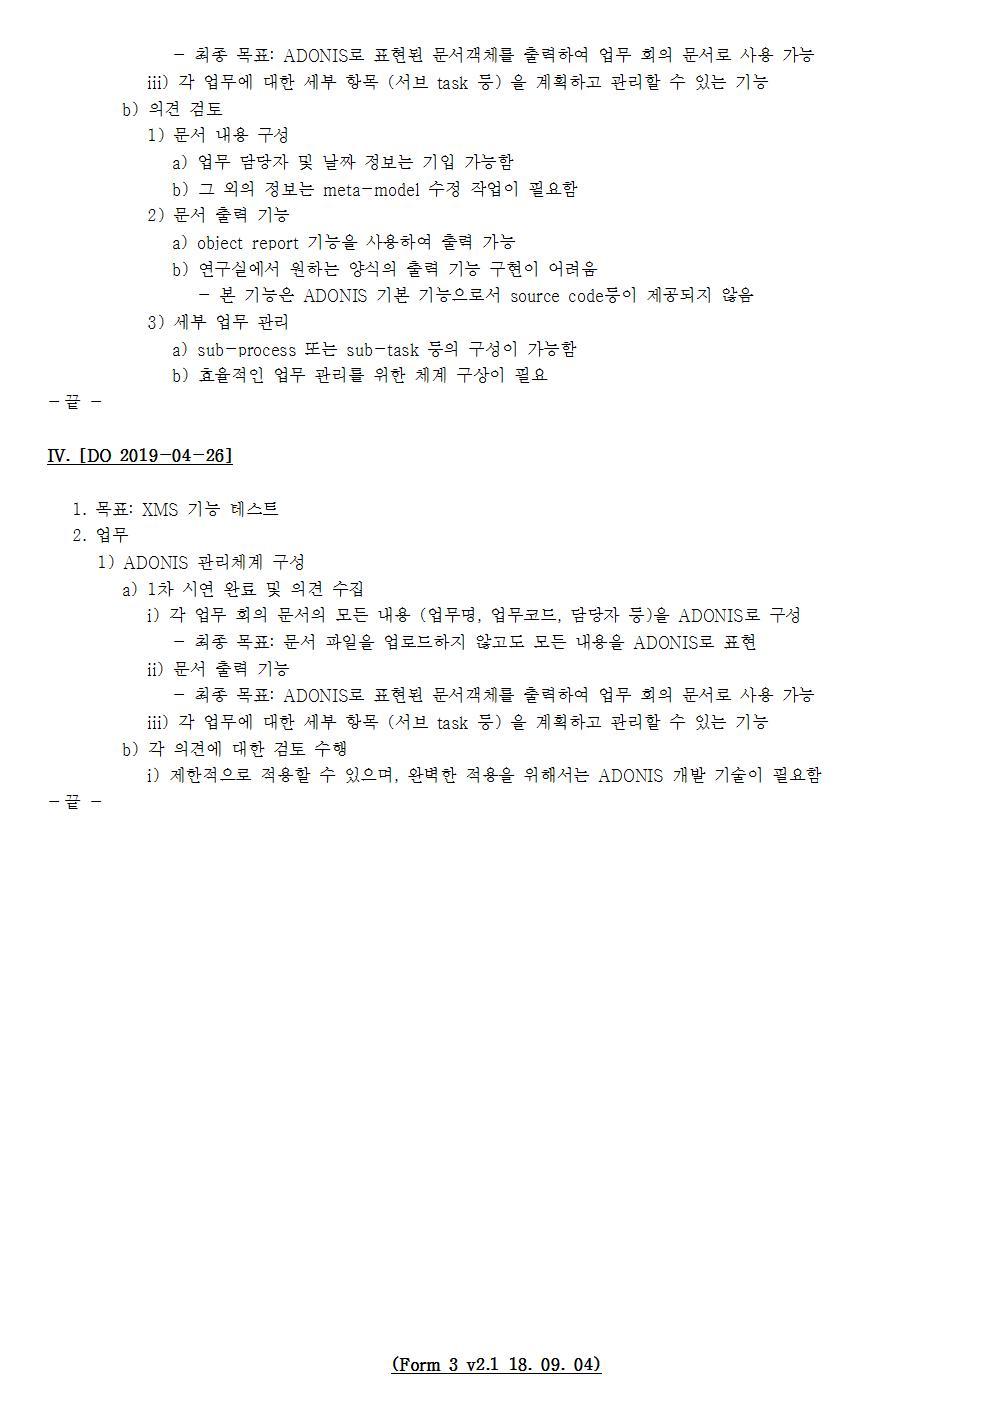 D-[19-027-RC-05]-[XMS]-[2019-04-26][YB]002.jpg